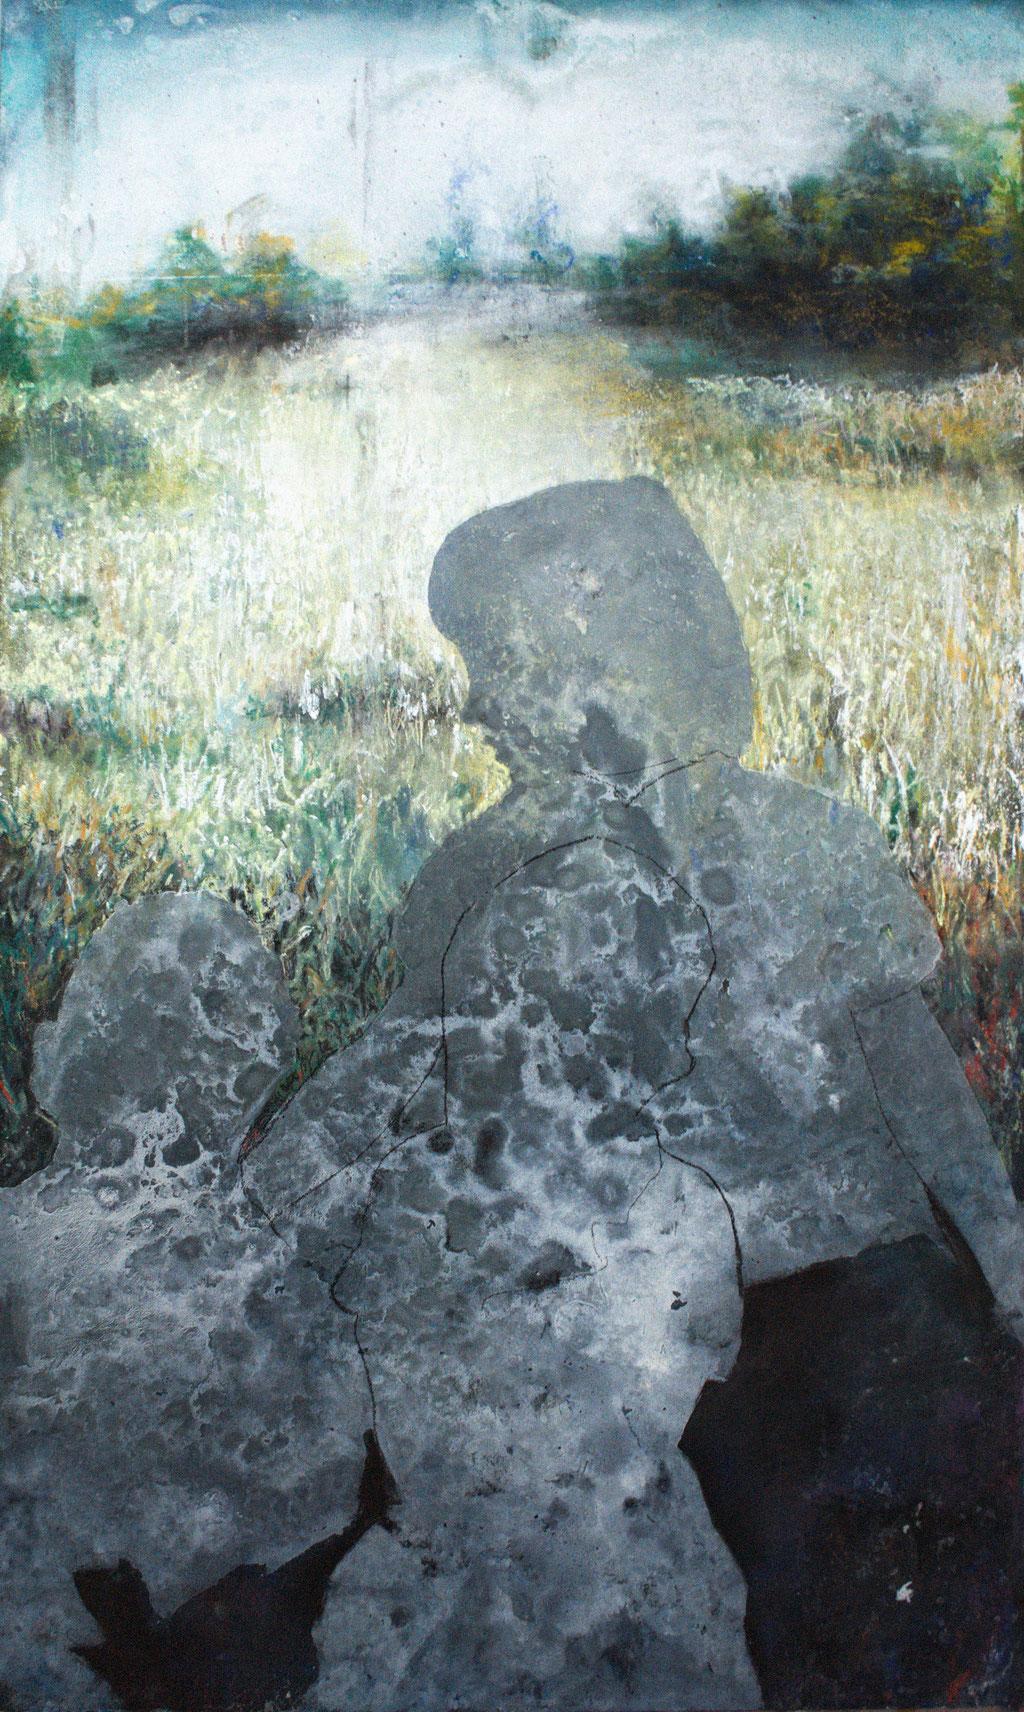 Ohne Titel, Pastellkreiden auf MDF Platte, 94 x 56 cm, 2016